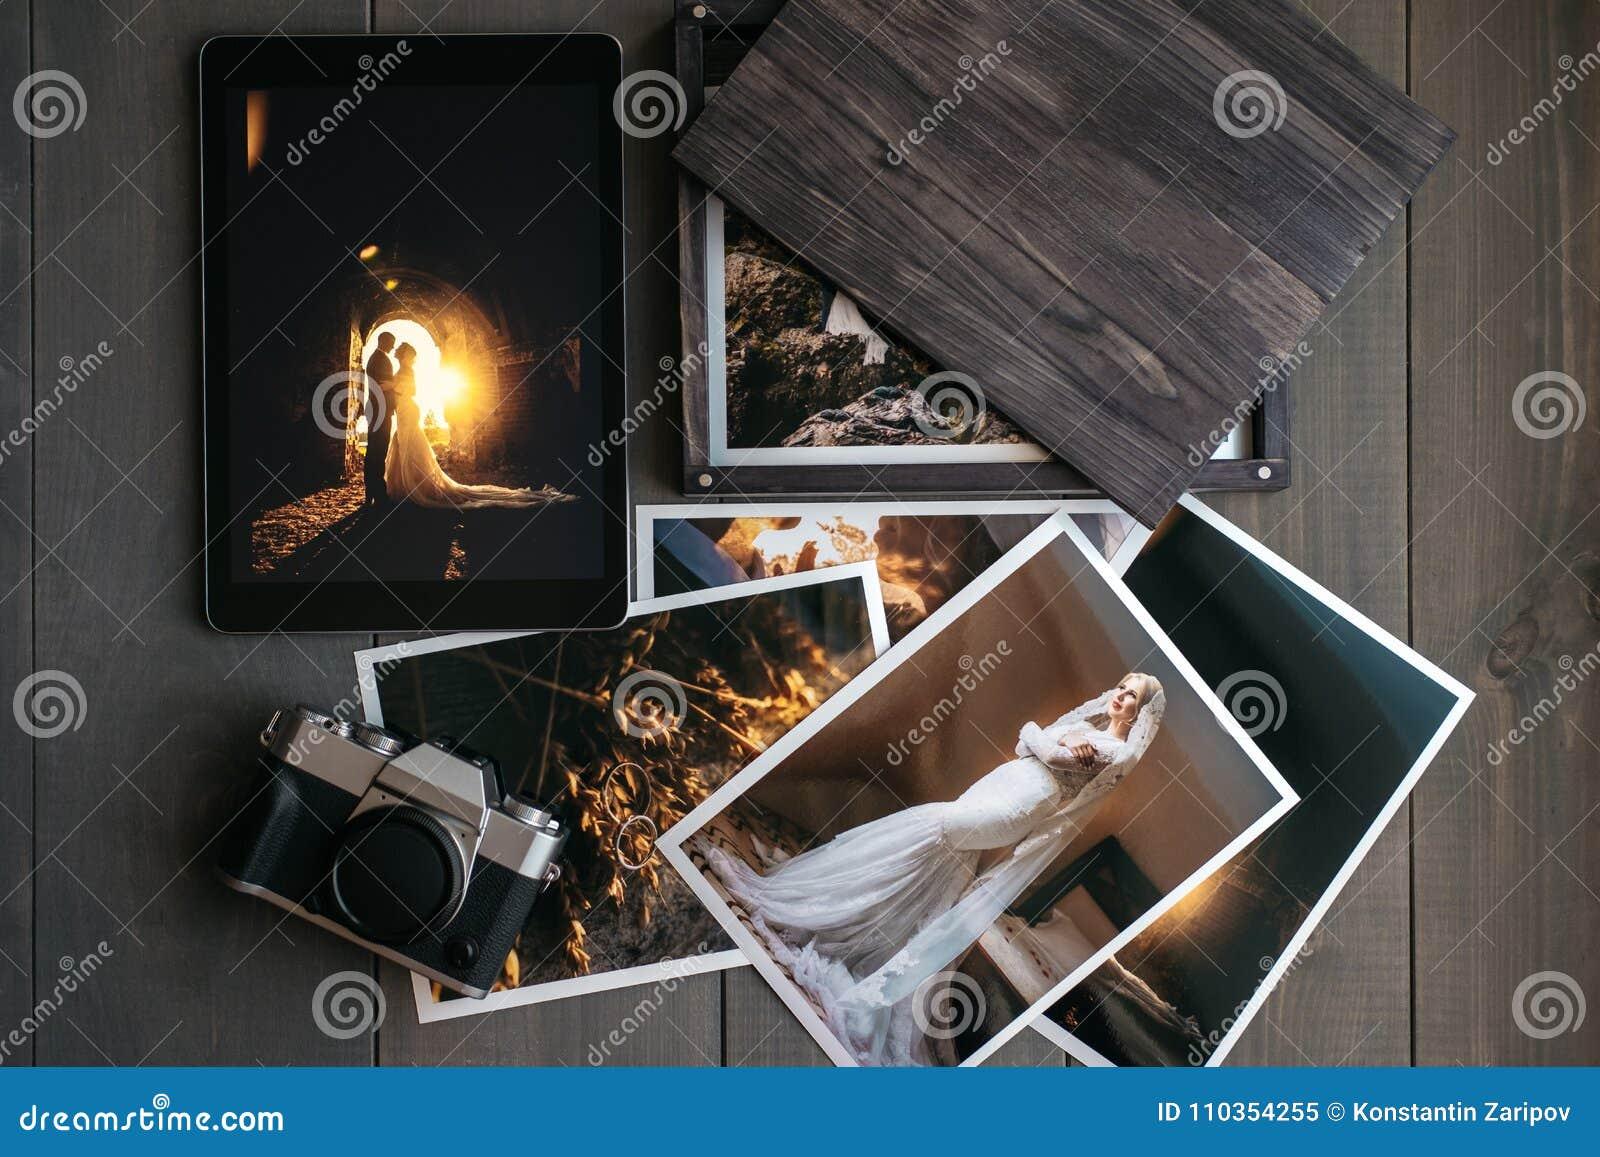 Impreso casandose las fotos, la caja de madera, una cámara del negro del vintage y una tableta negra con una imagen de un par de